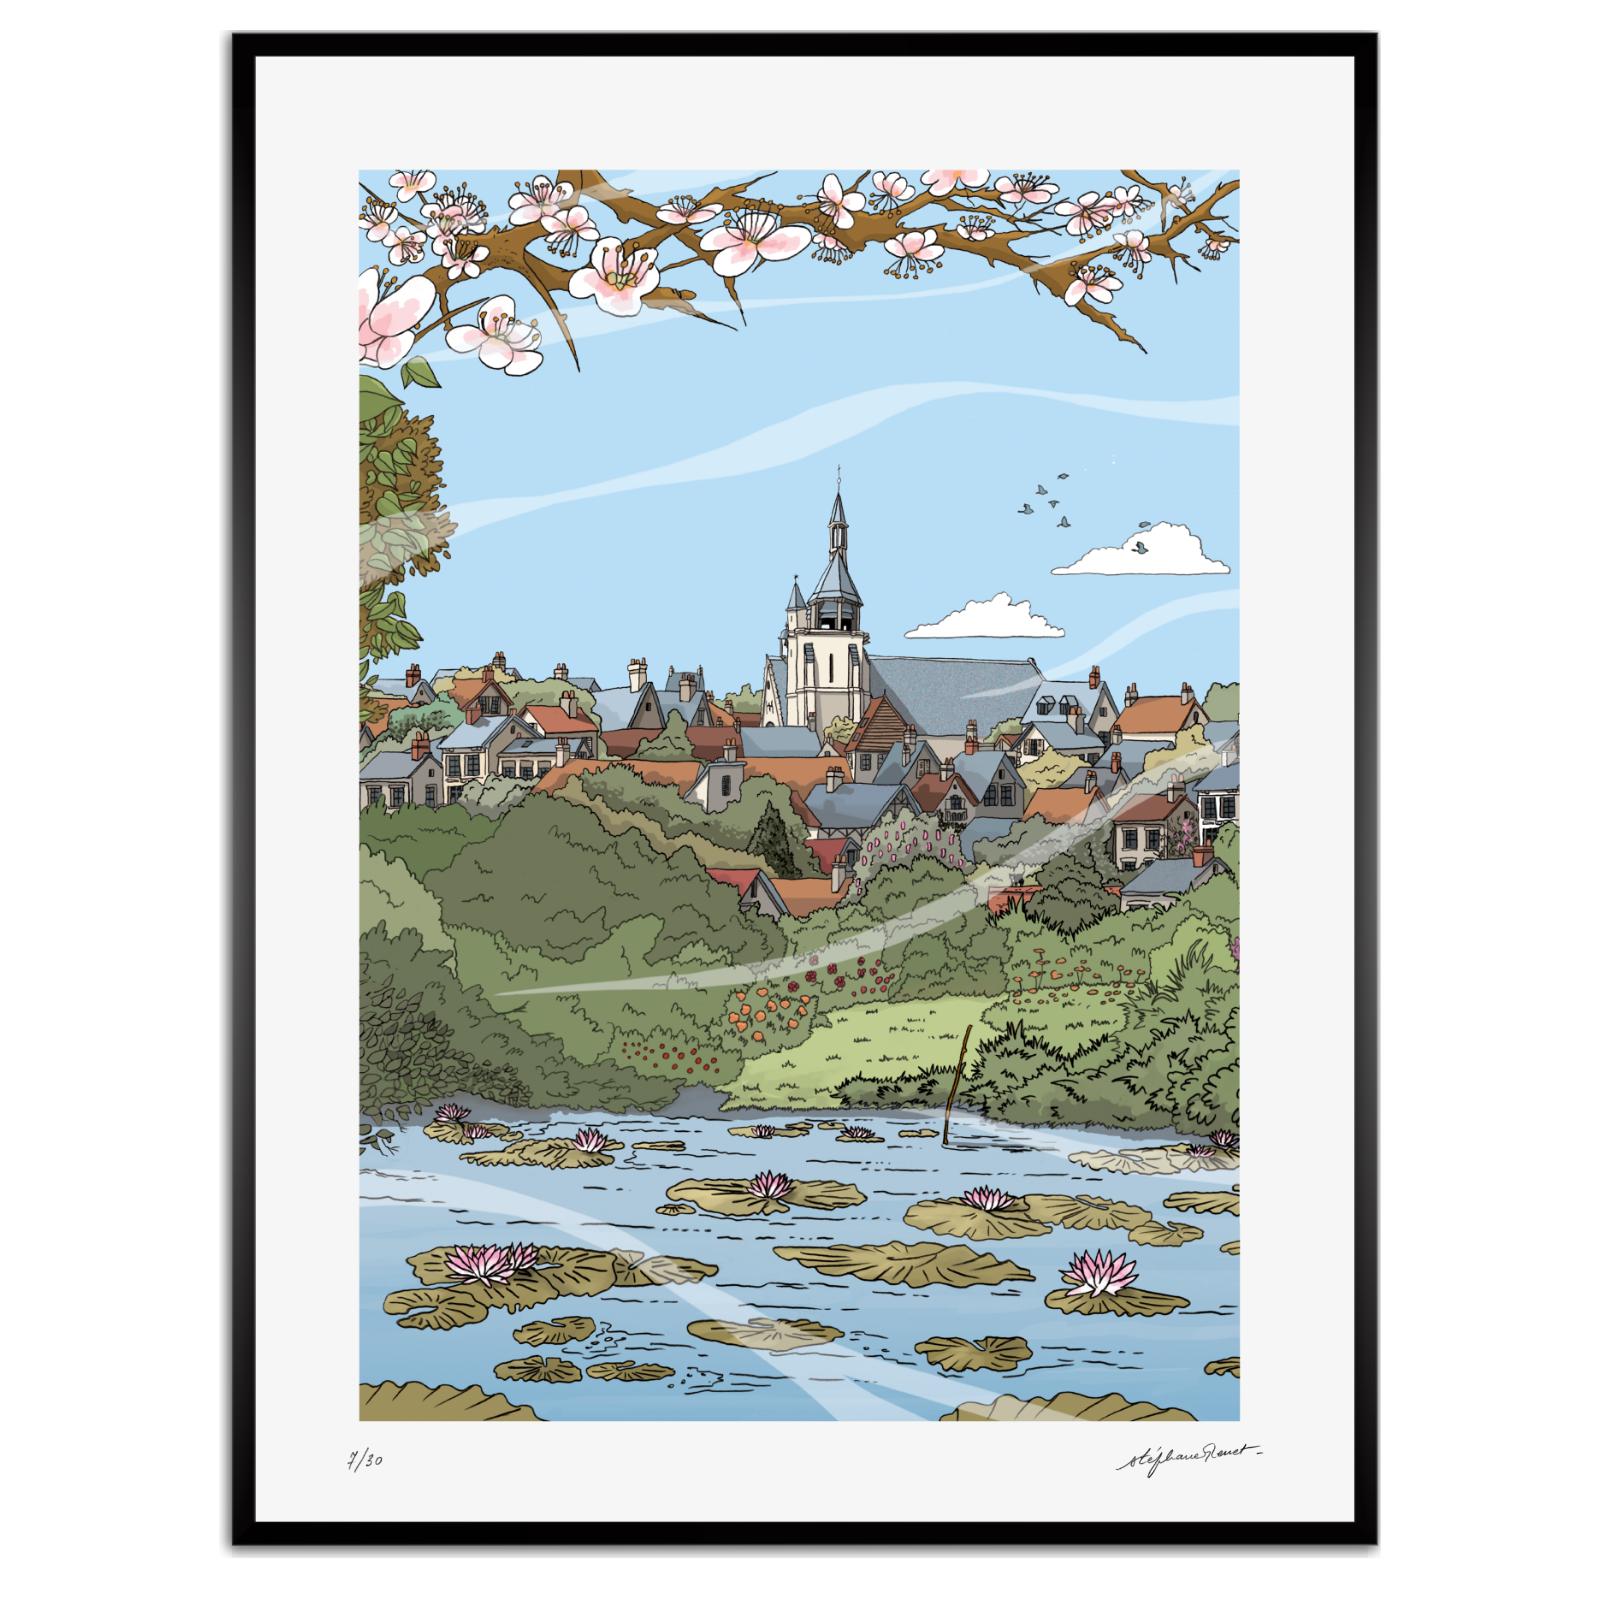 La Vivonne à Combray. Estampe de Stéphane Heuet. Illustration de Du côté de chez Swann de Marcel Proust.